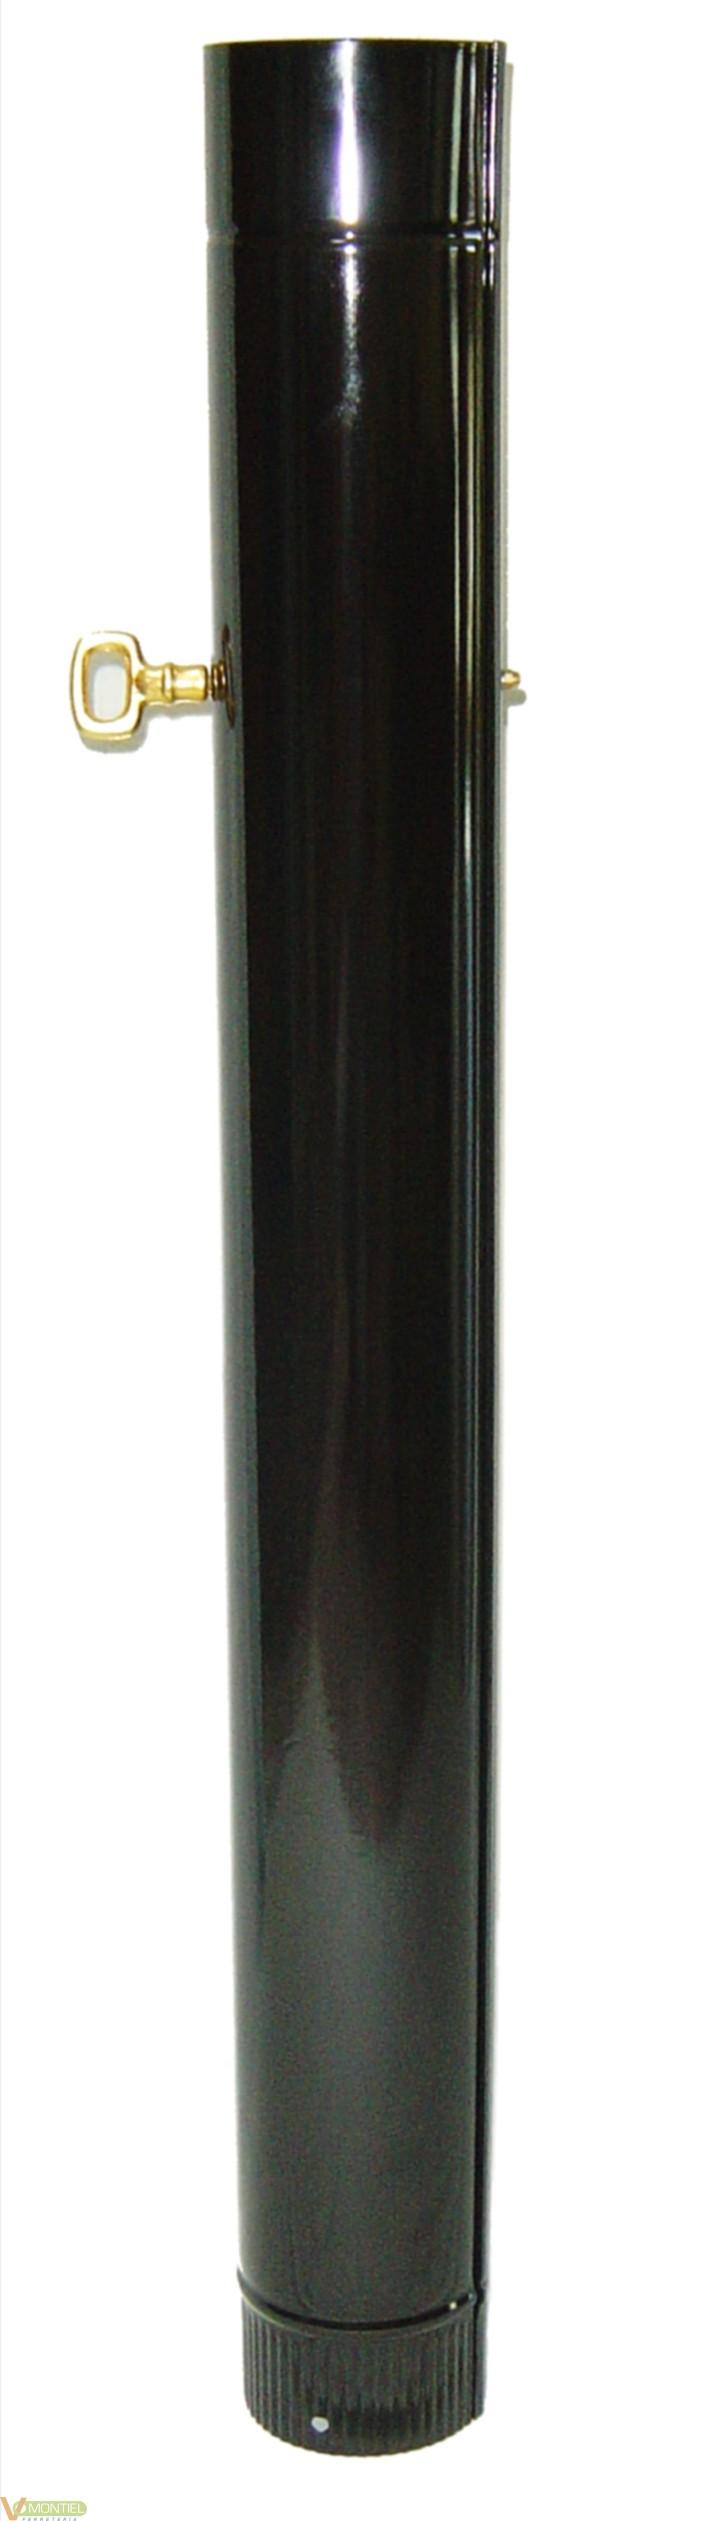 Tubo estufa con llave 110mm a/-0